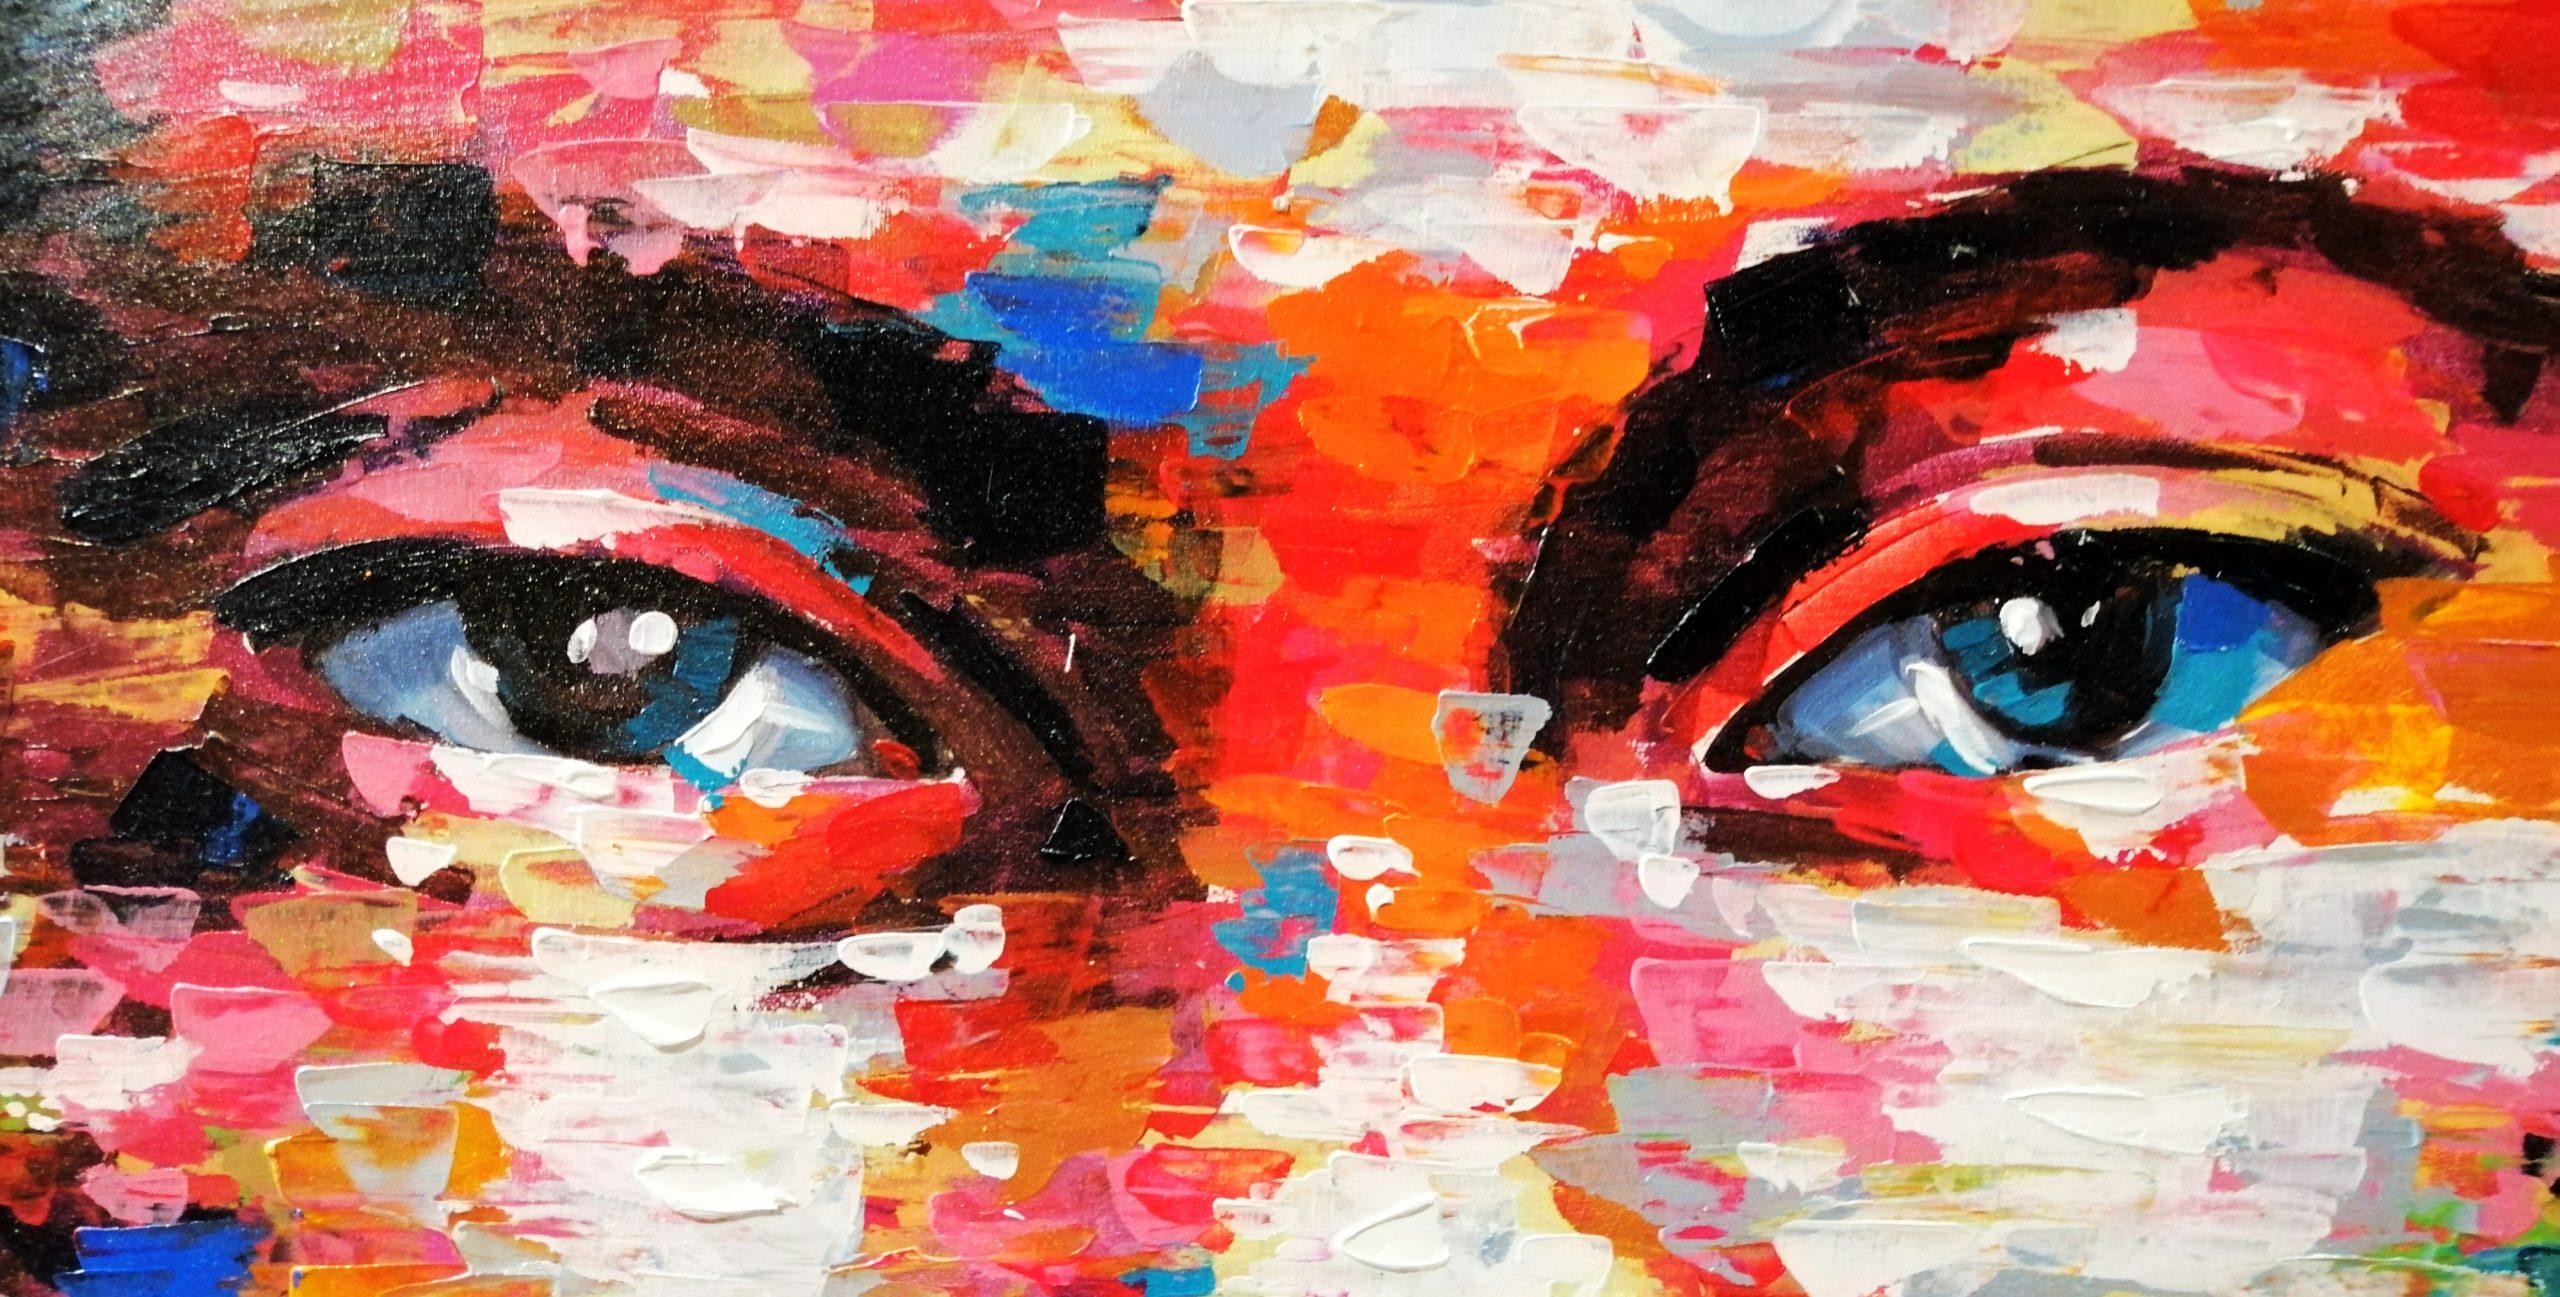 """Arte cubana in mostra a Perugia: mille sfaccettature della """"perla dei Caraibi"""", anche quelle più inaspettate"""